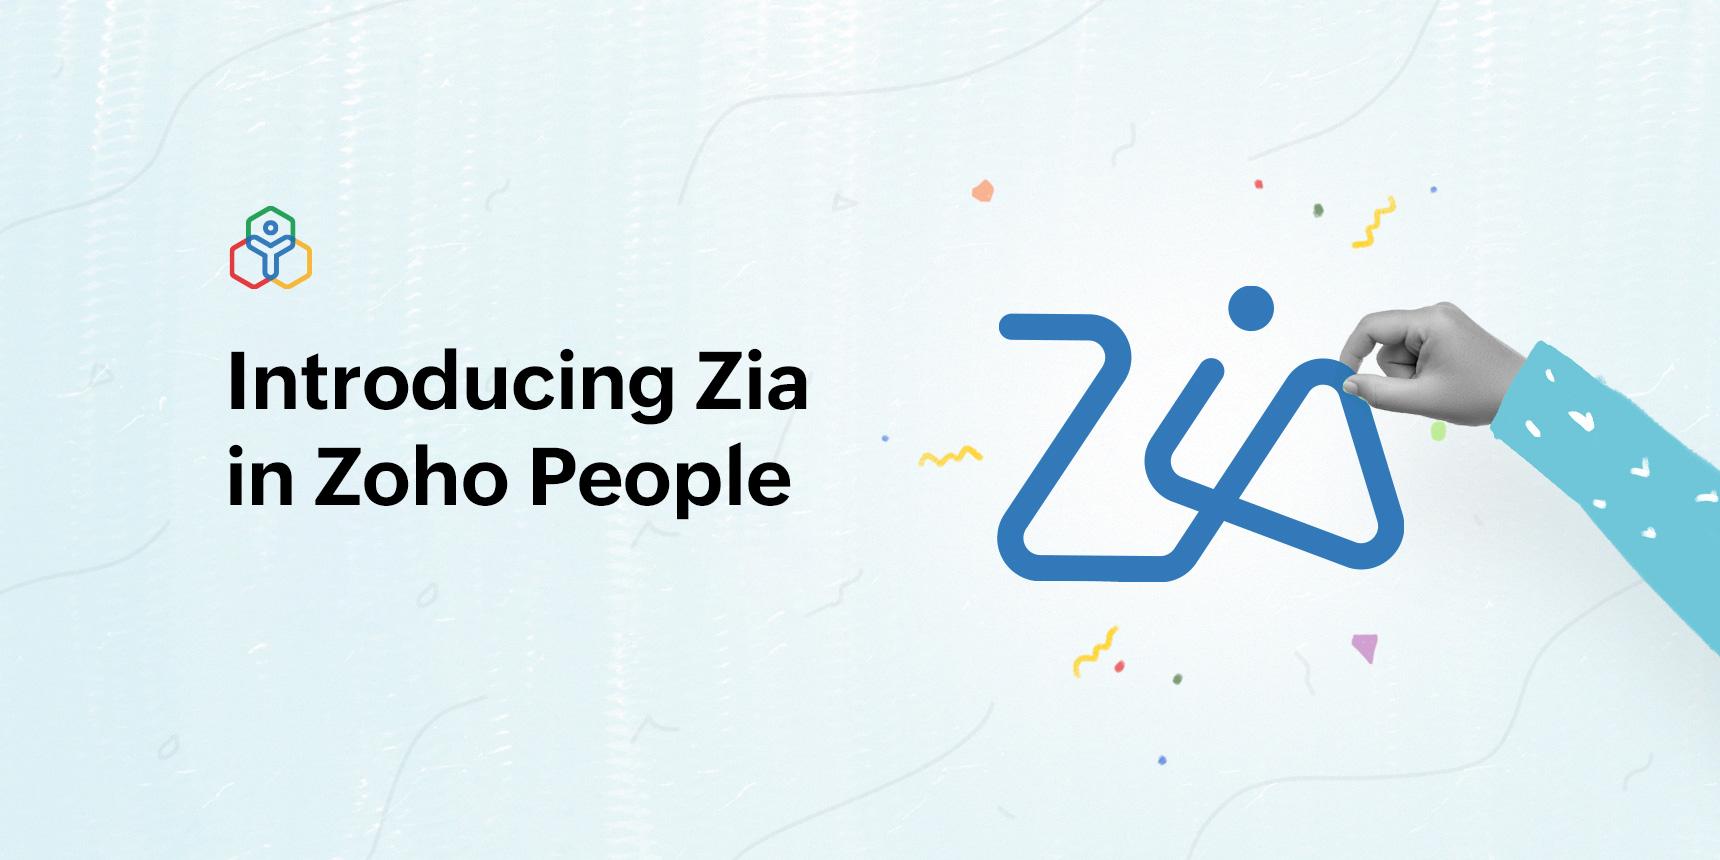 نقدم لكم زيا Zia، المساعد الذكي للموارد البشرية